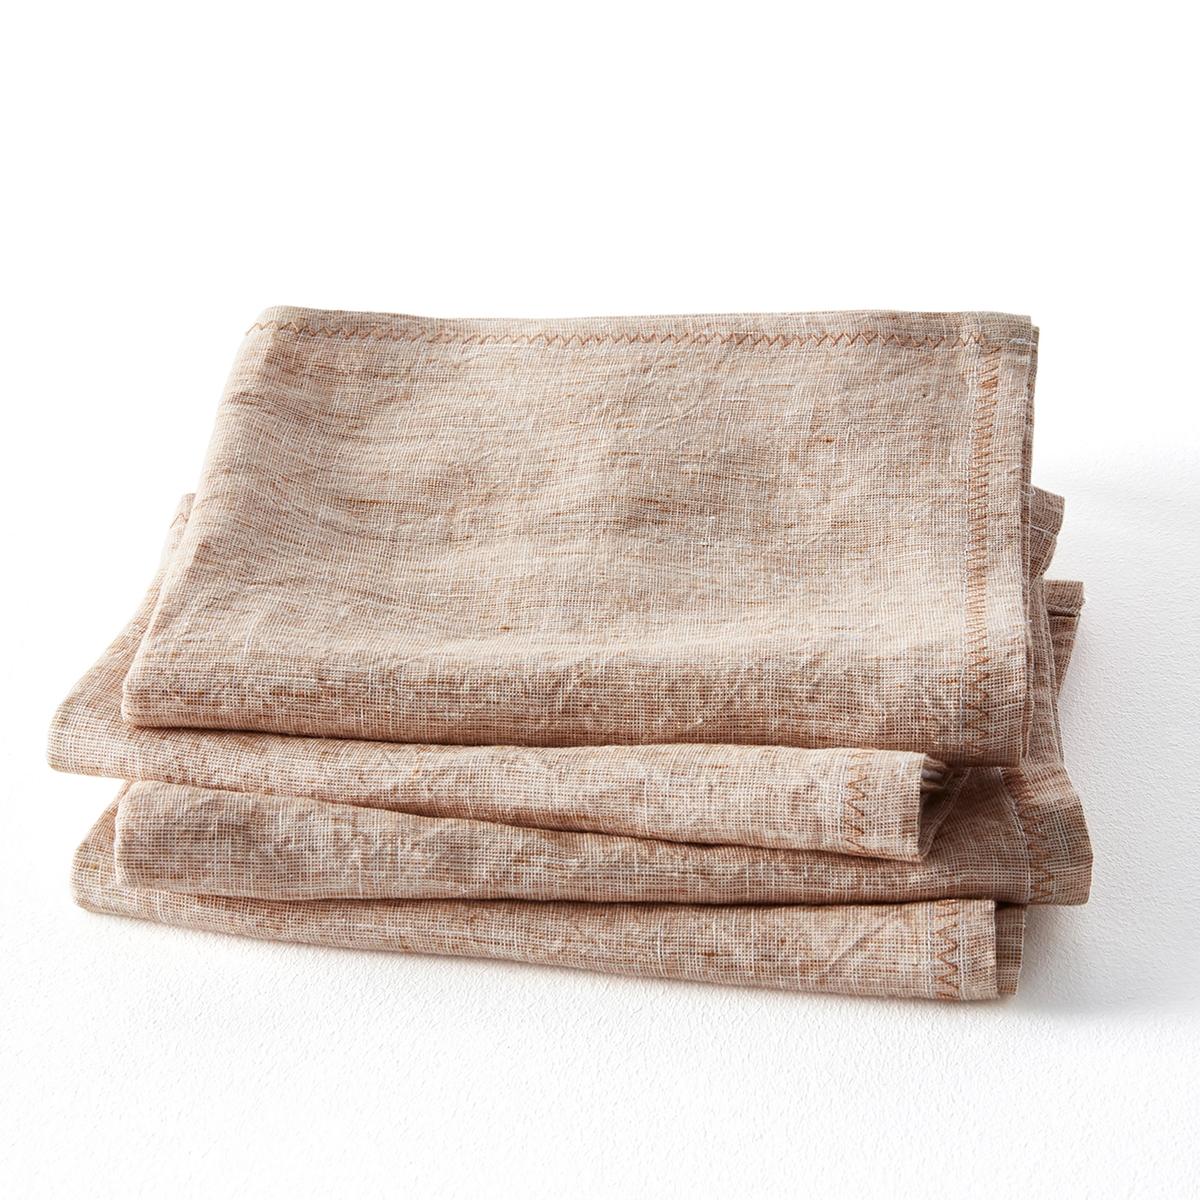 Confezione da 4 tovaglioli in lino, Chandraki